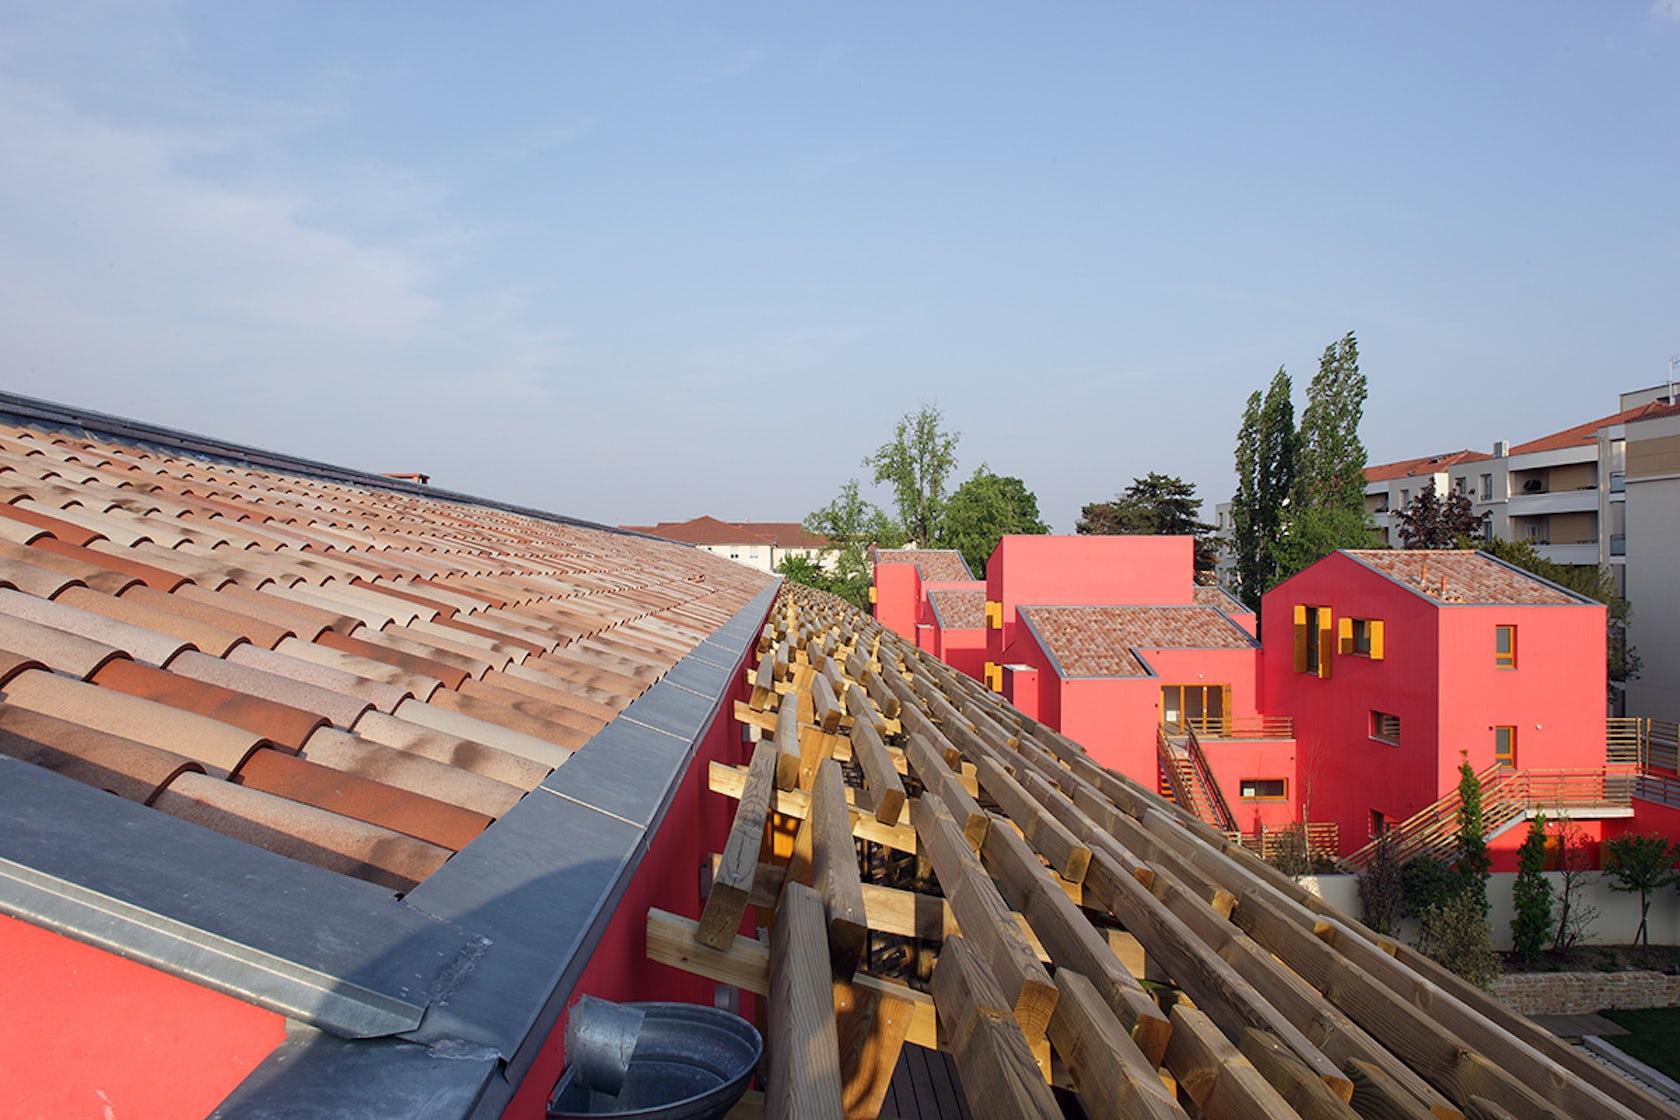 30 social housing units villefranche sur sa ne architizer - Hbvs villefranche sur saone ...